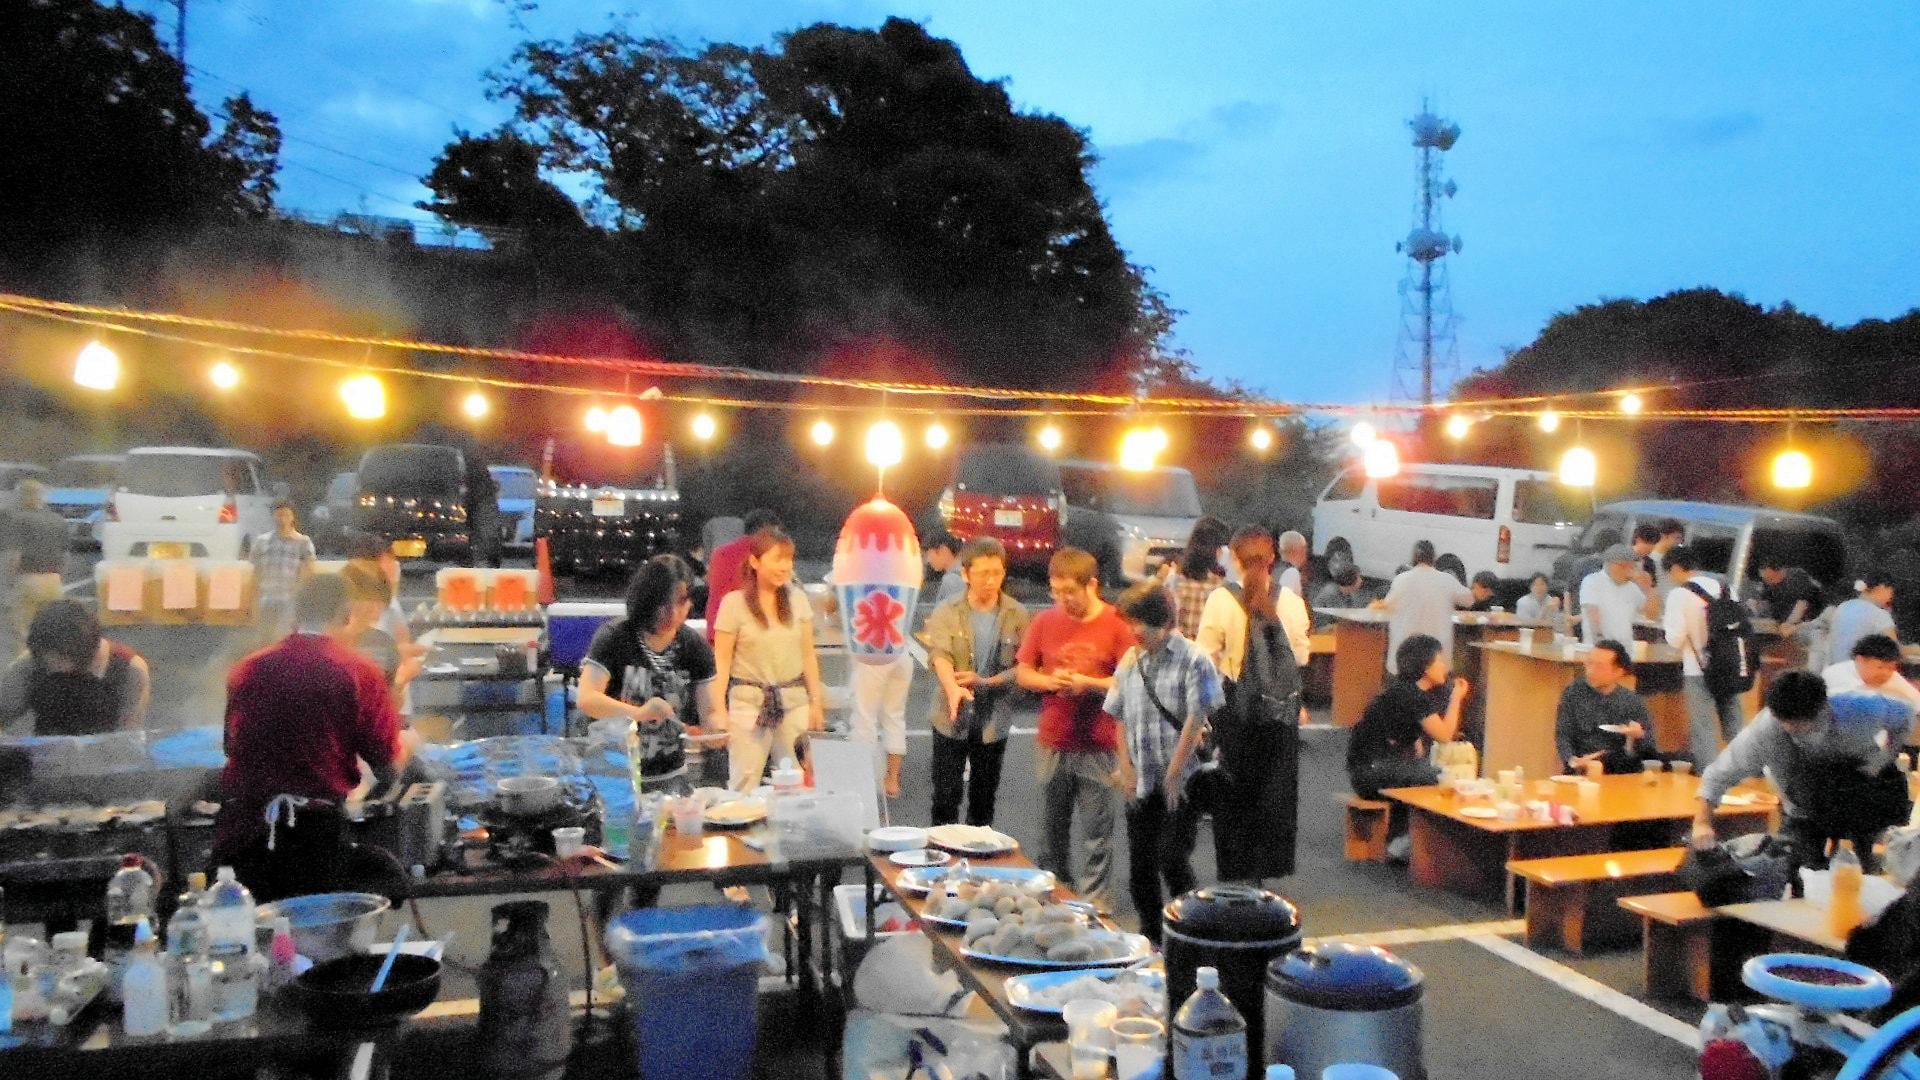 出張ケータリング屋台バーベキュー懇親会・親睦会パーティー鉄板焼き料理プラン #3